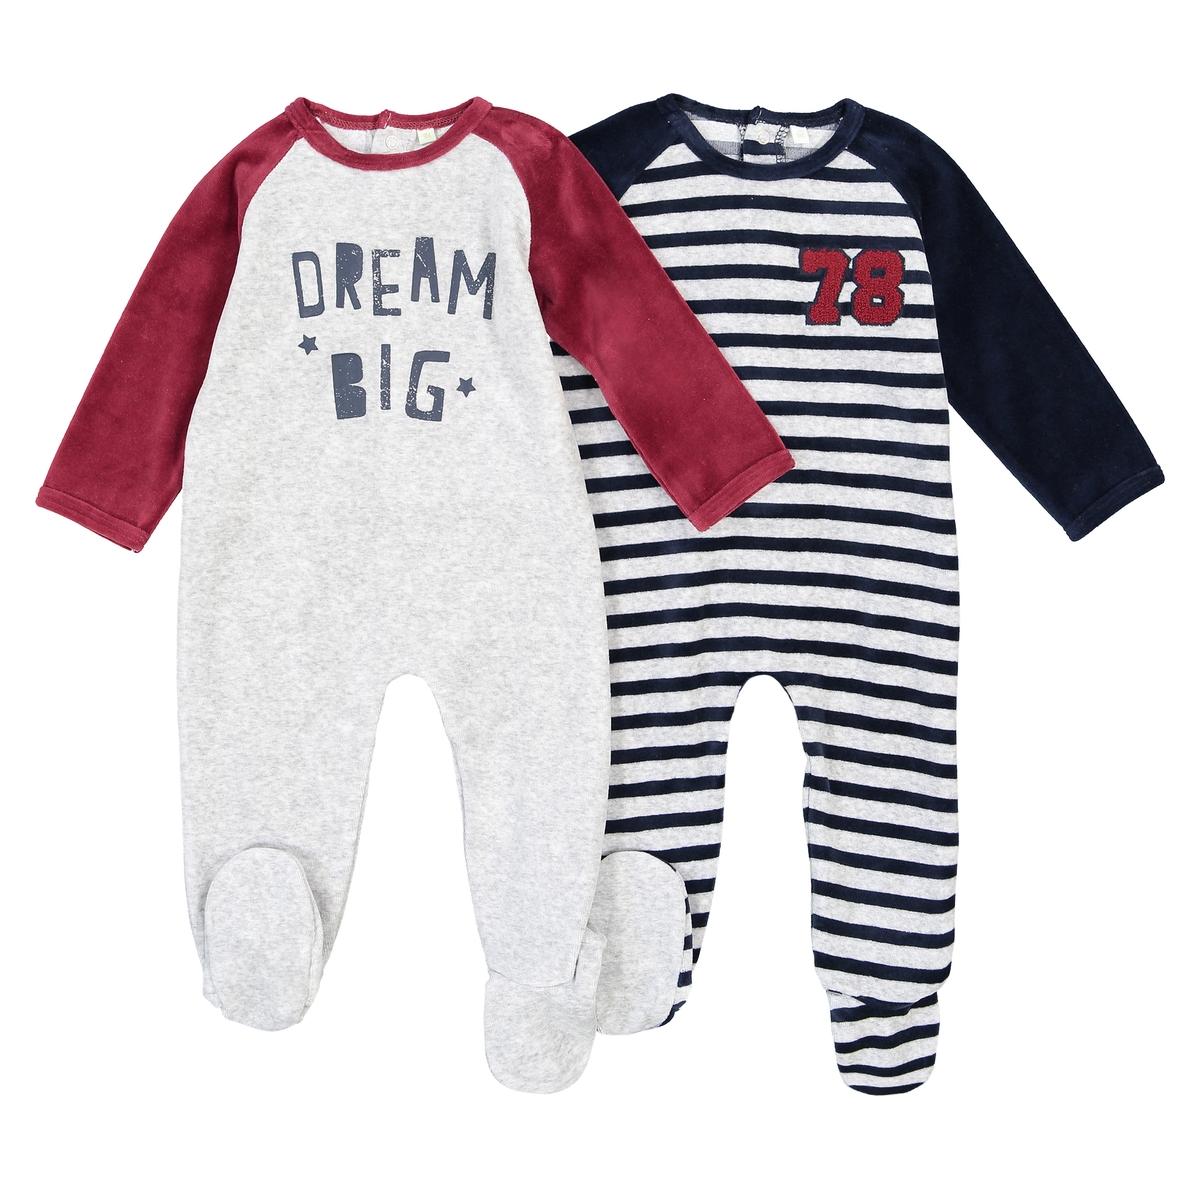 2 пижамы из велюра, 0 мес. - 3 года пижамы и ночные сорочки bambinizon пижама комбинезон на кнопках сафари